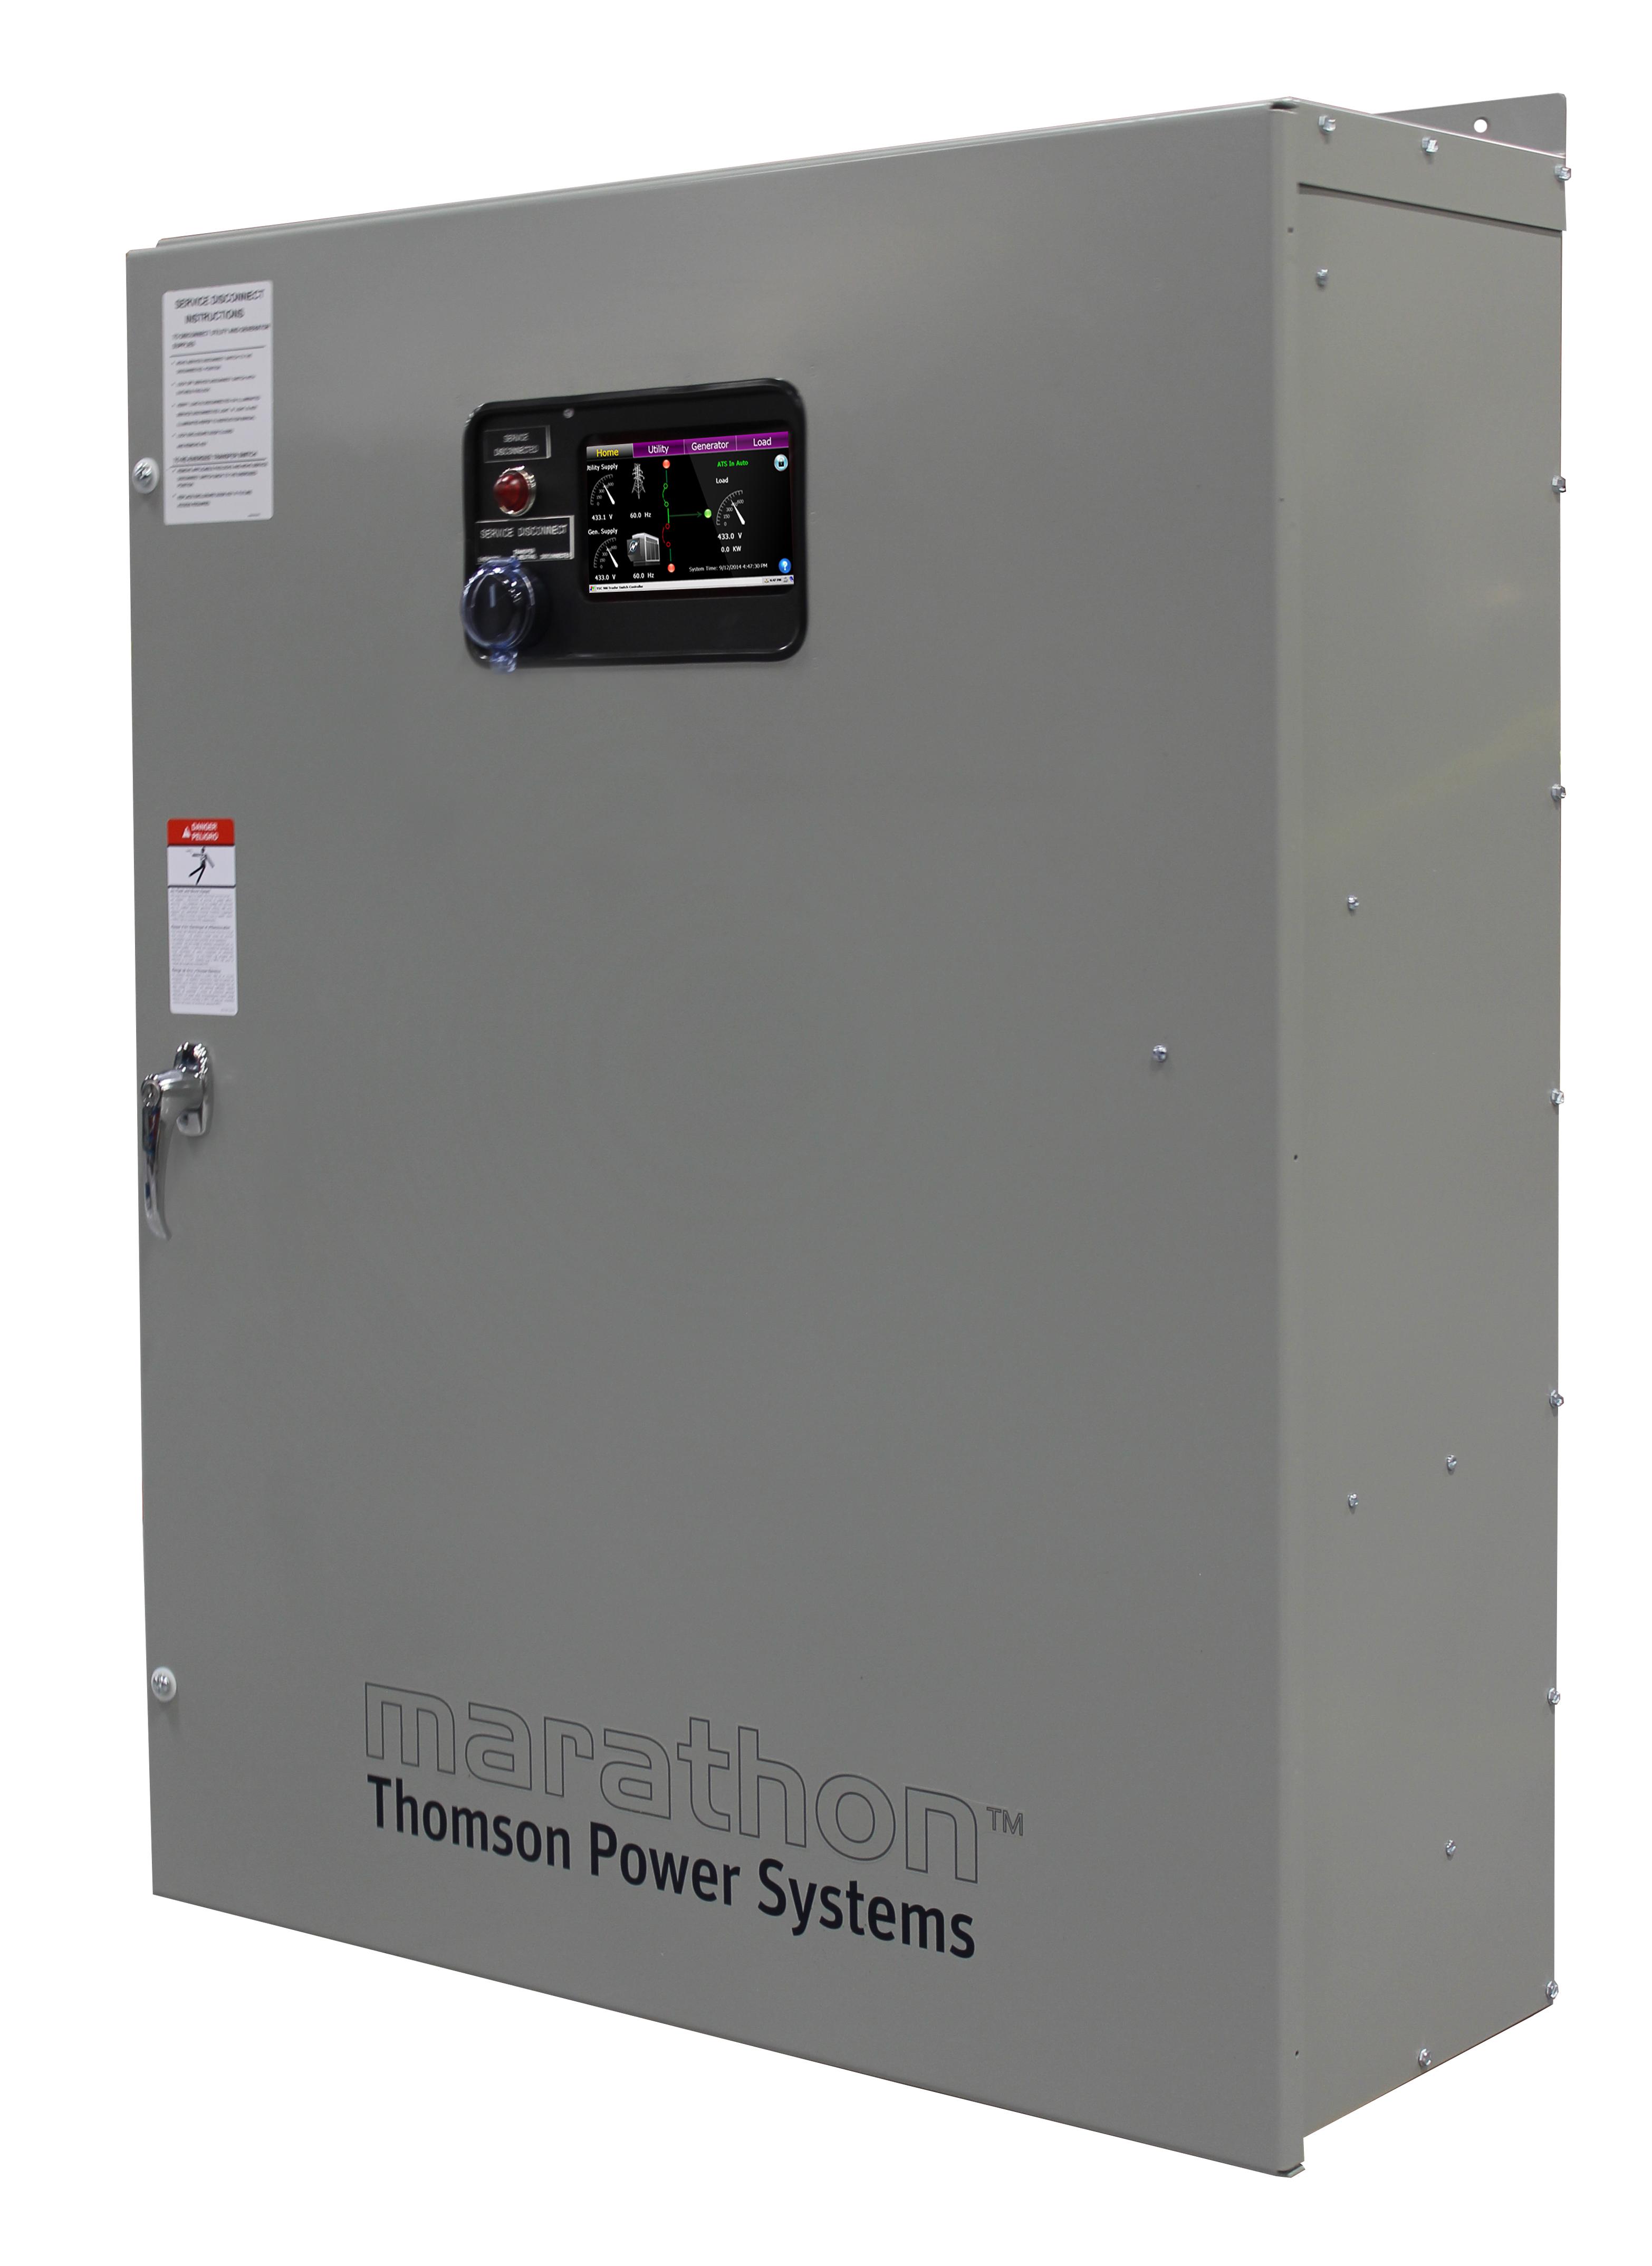 TS 870_TSC 900